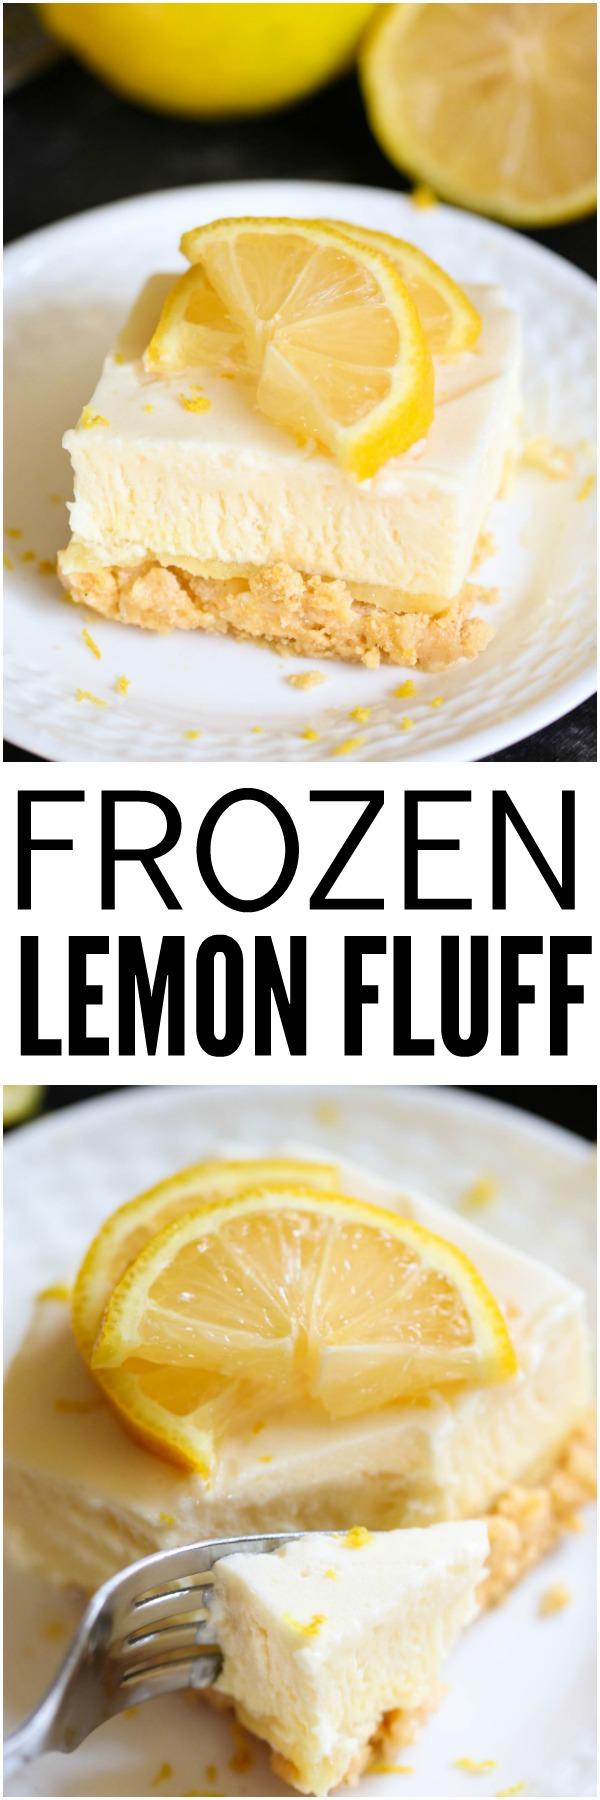 Frozen Lemon Fluff Dessert on a white plate topped with lemon slices